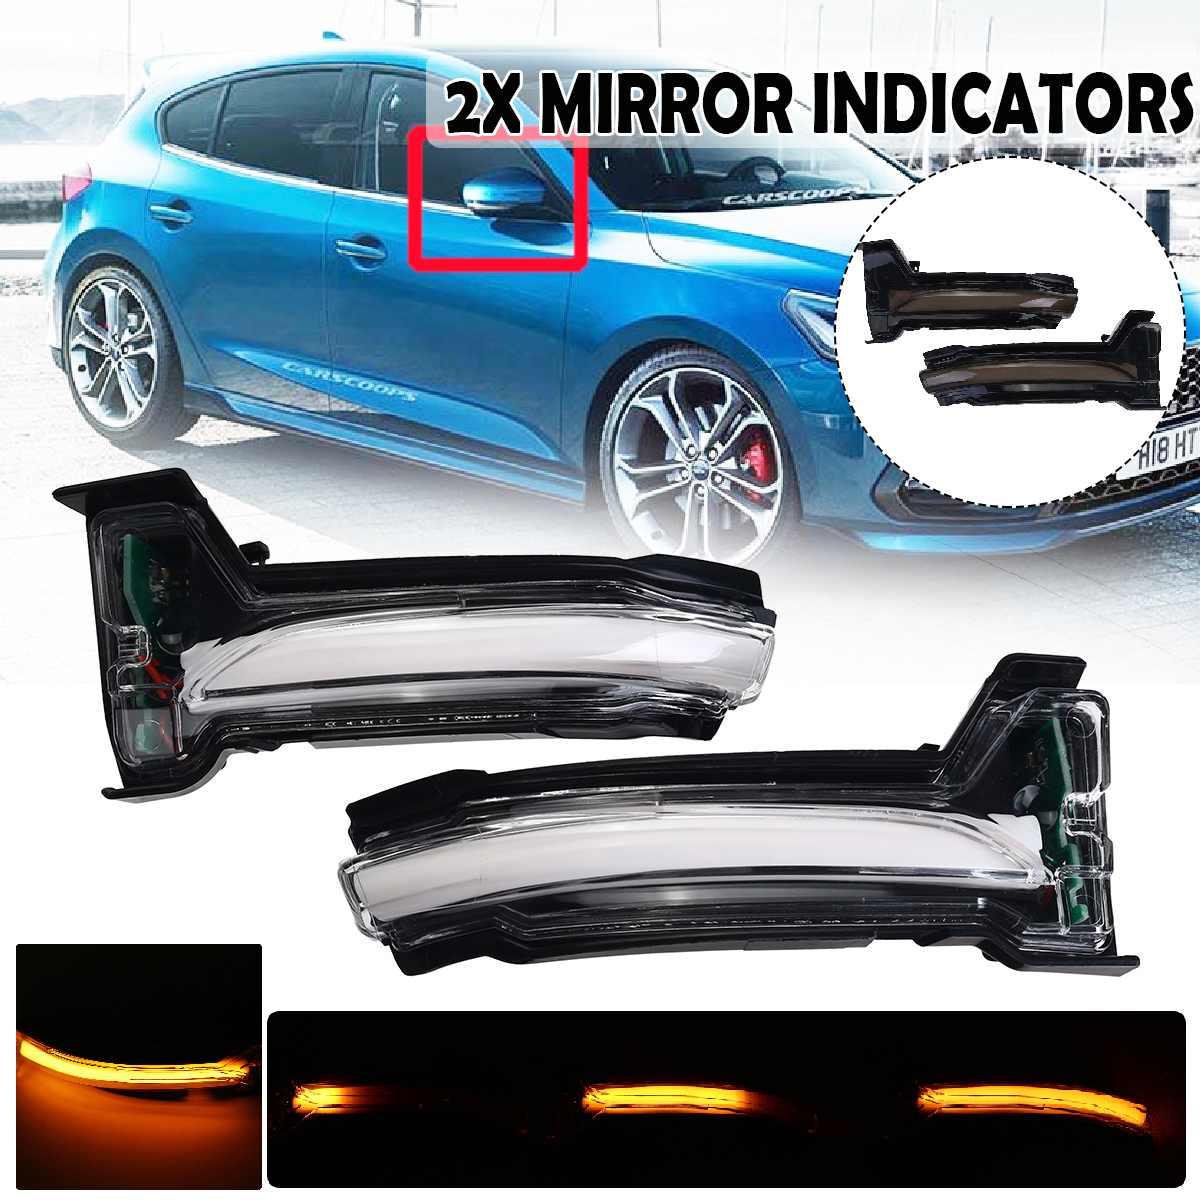 2 шт. струящийся указатель поворота светильник светодиодный боковое крыло зеркало заднего вида динамический индикатор мигалка для Ford Focus 4 ...